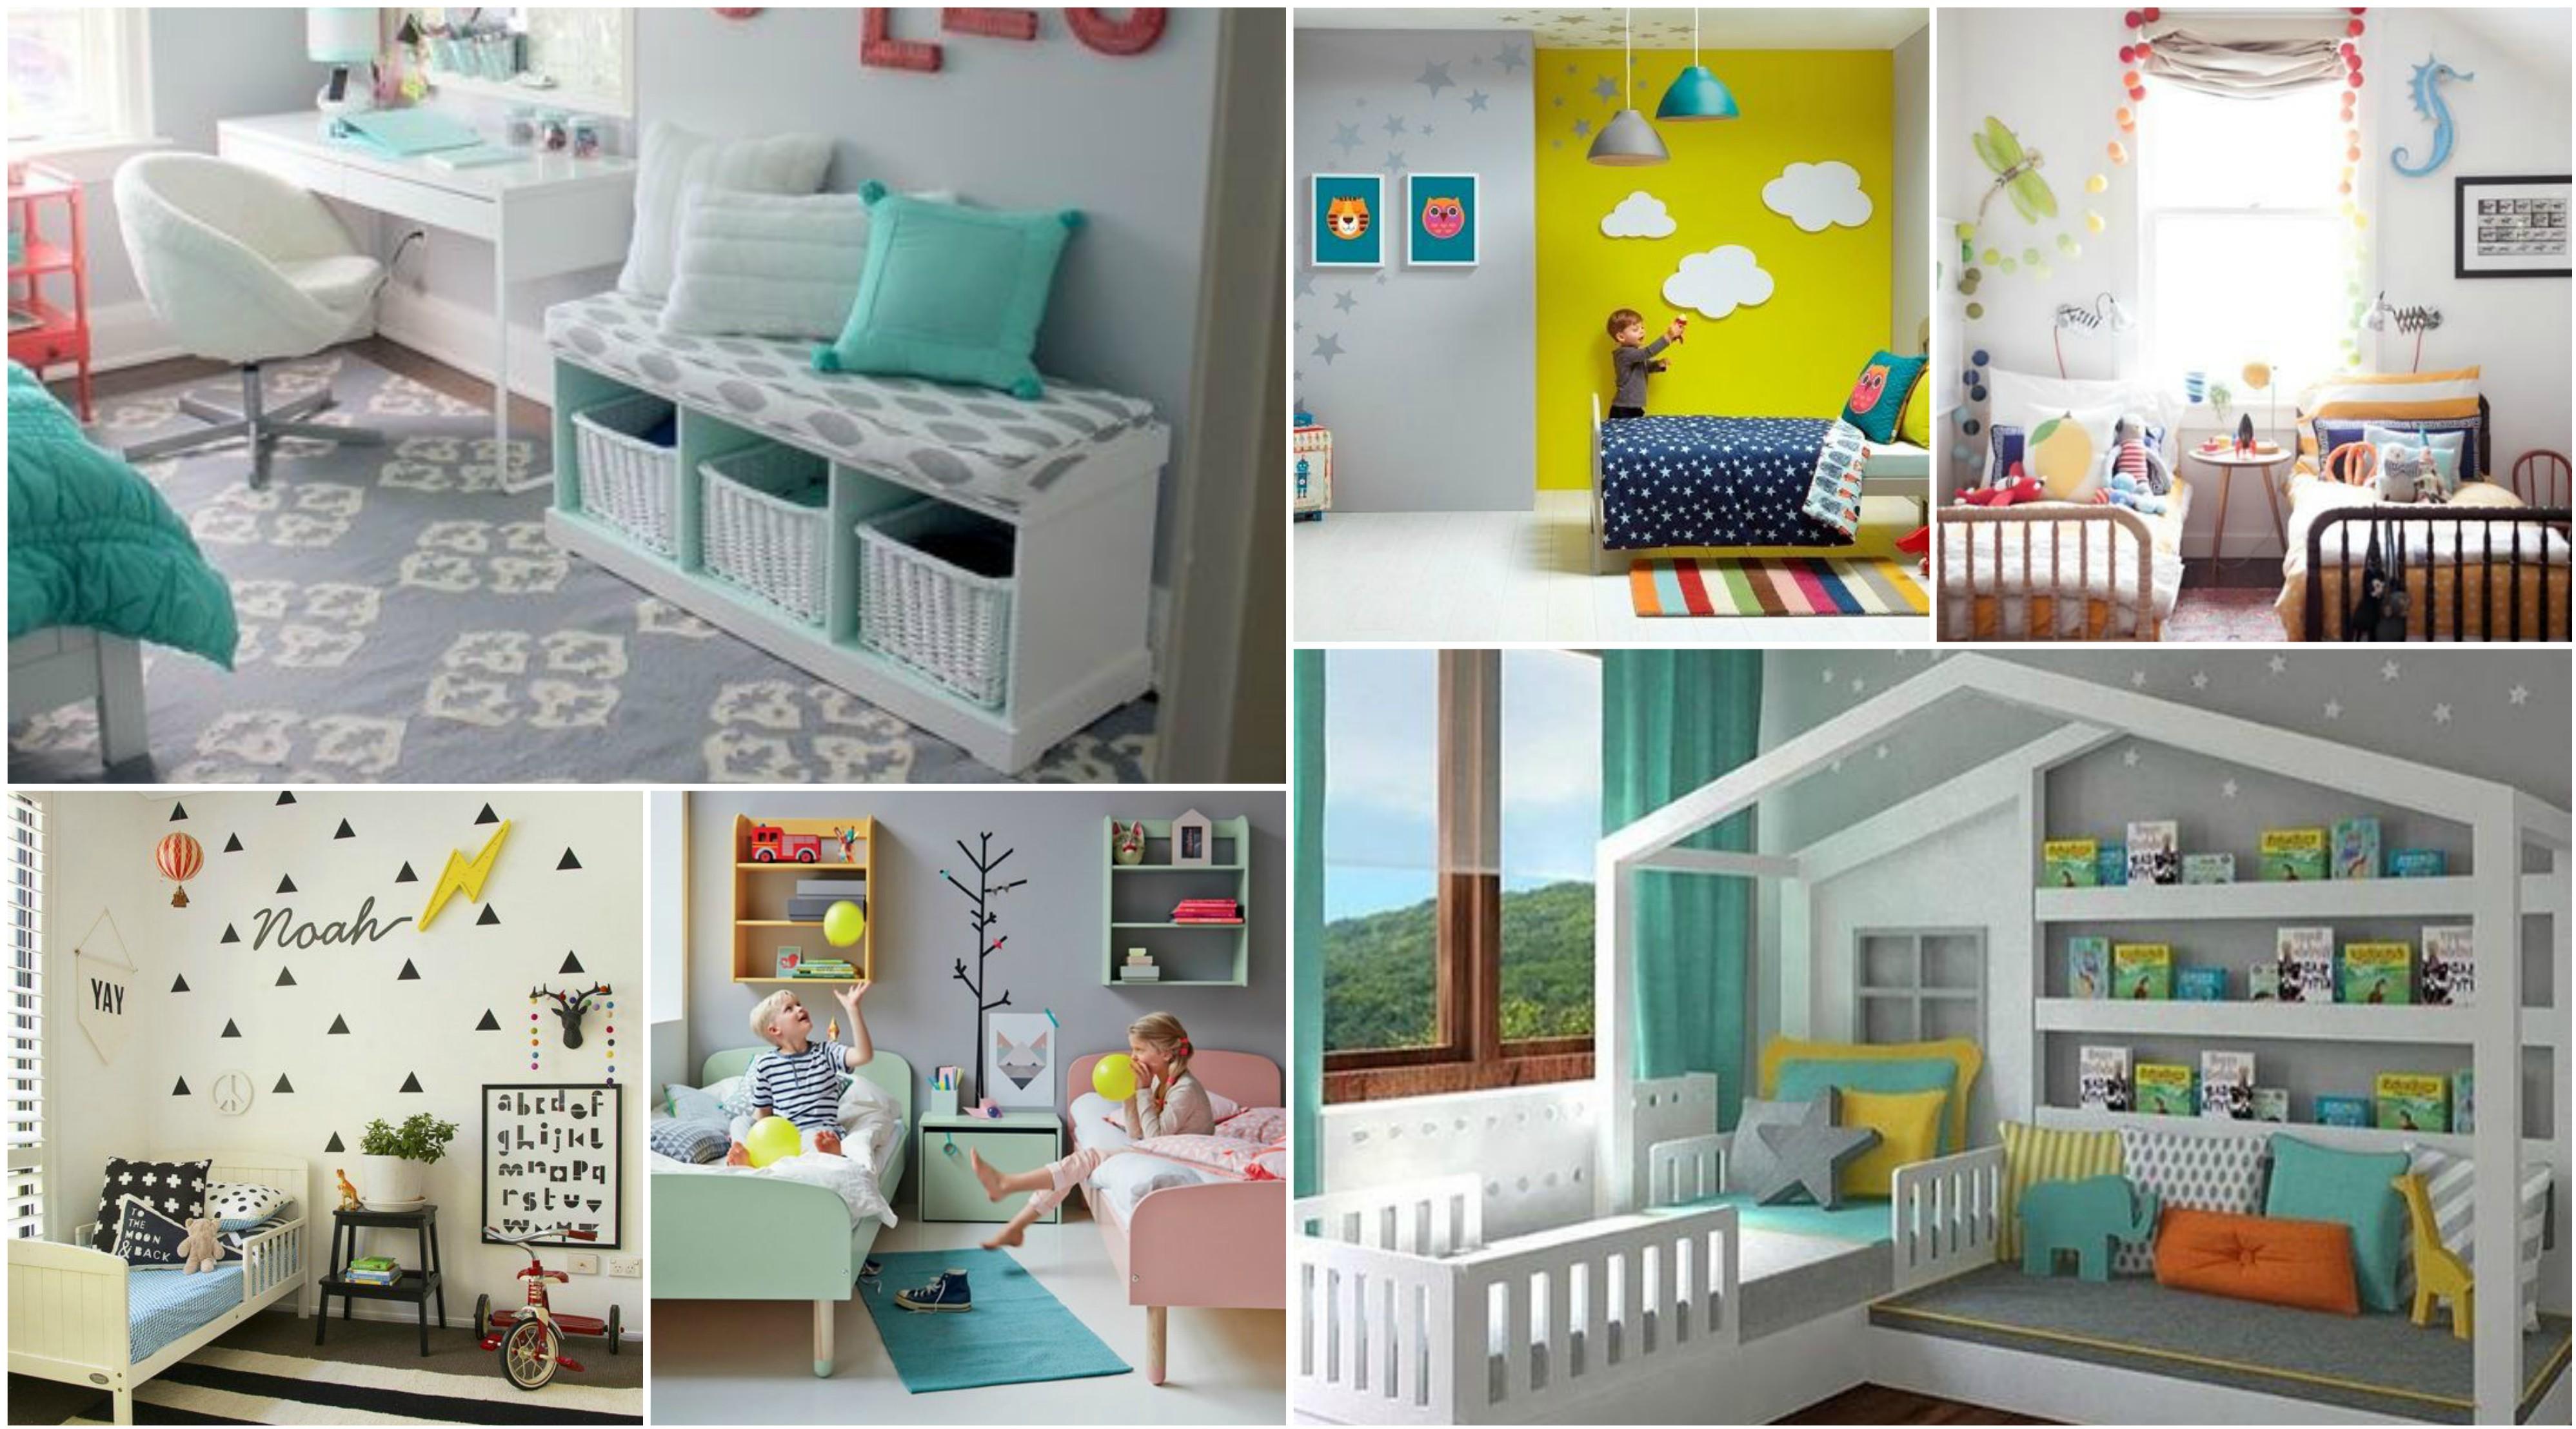 quartos-de-crianca-decorados